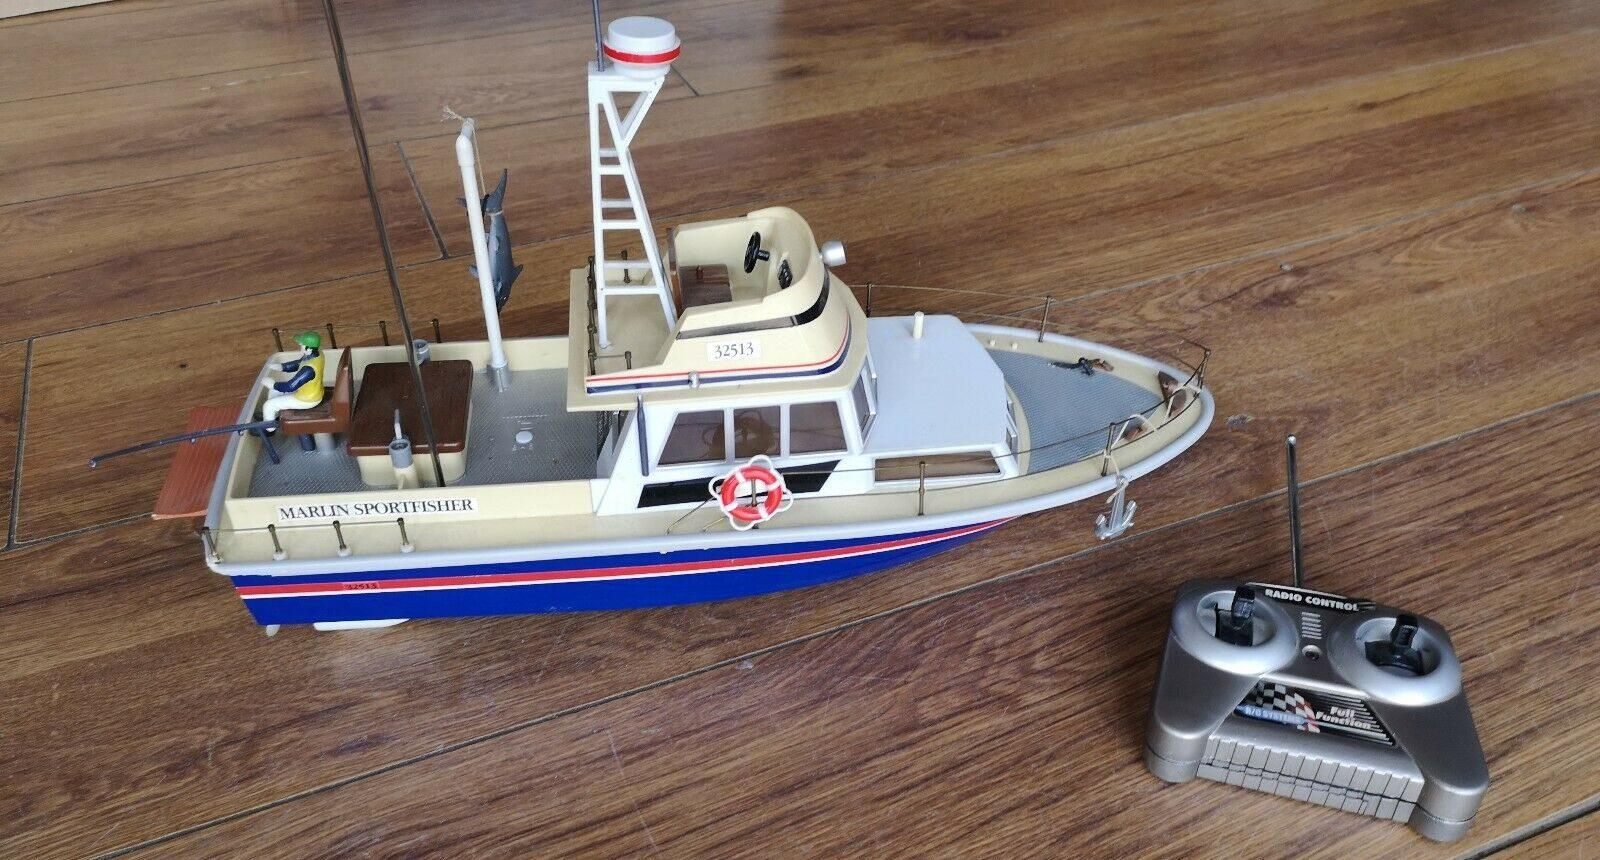 Comment utiliser un bateau radiocommandé